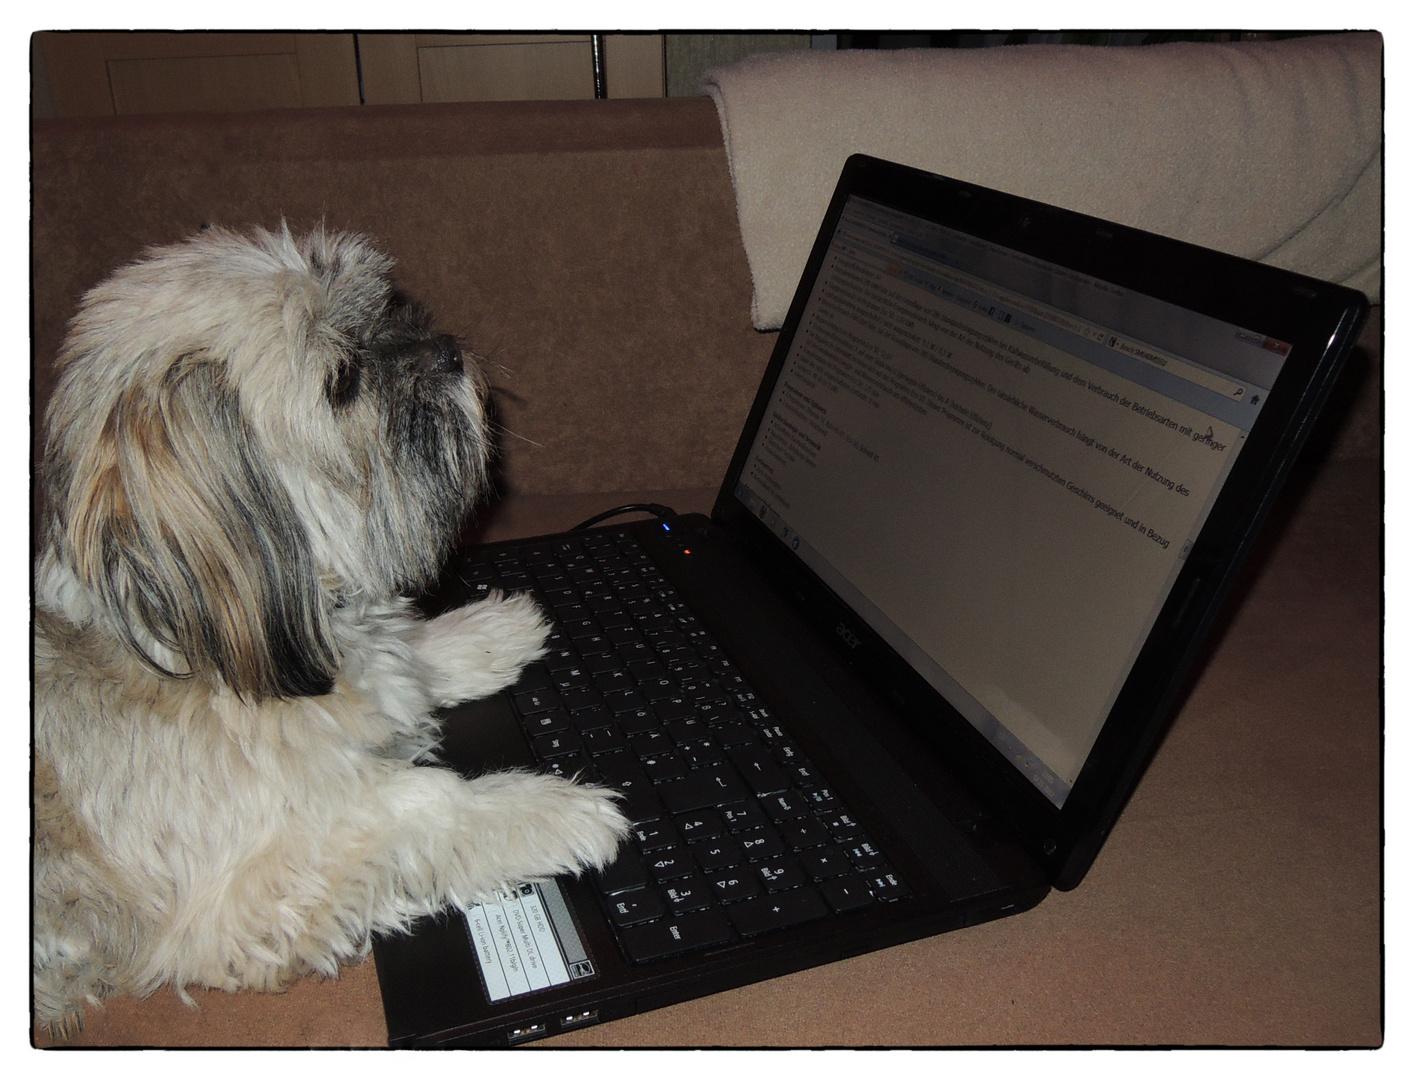 Auch Hunde nutzen Laptops